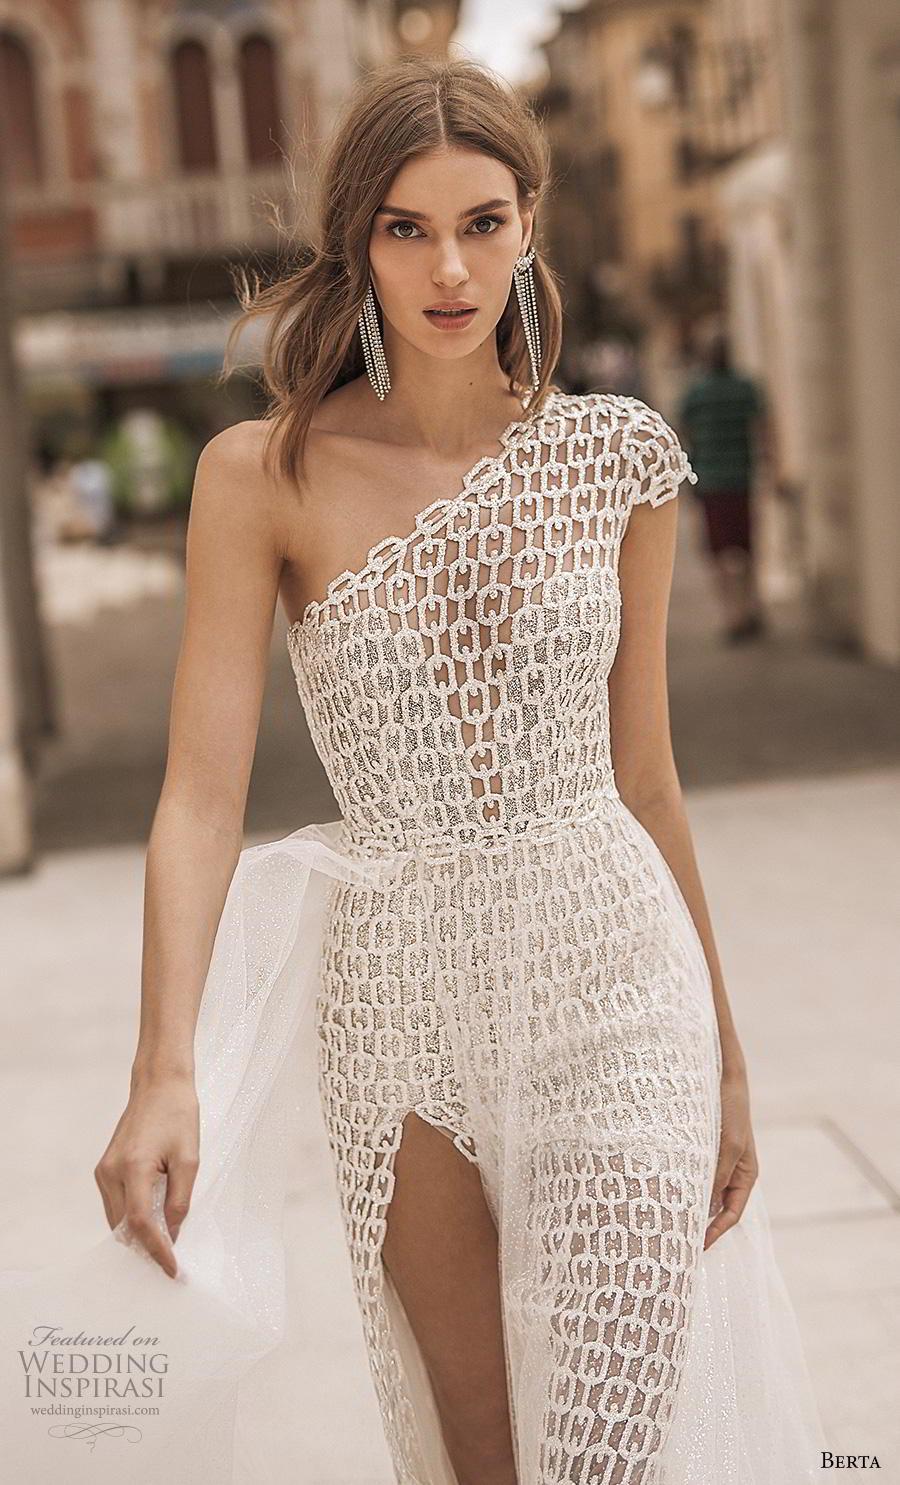 berta 2019 privee bridal cap sleeves one shoulder full embellishment slit skirt elegant modern sheath wedding dress a  line overskirt chapel train (11) zv